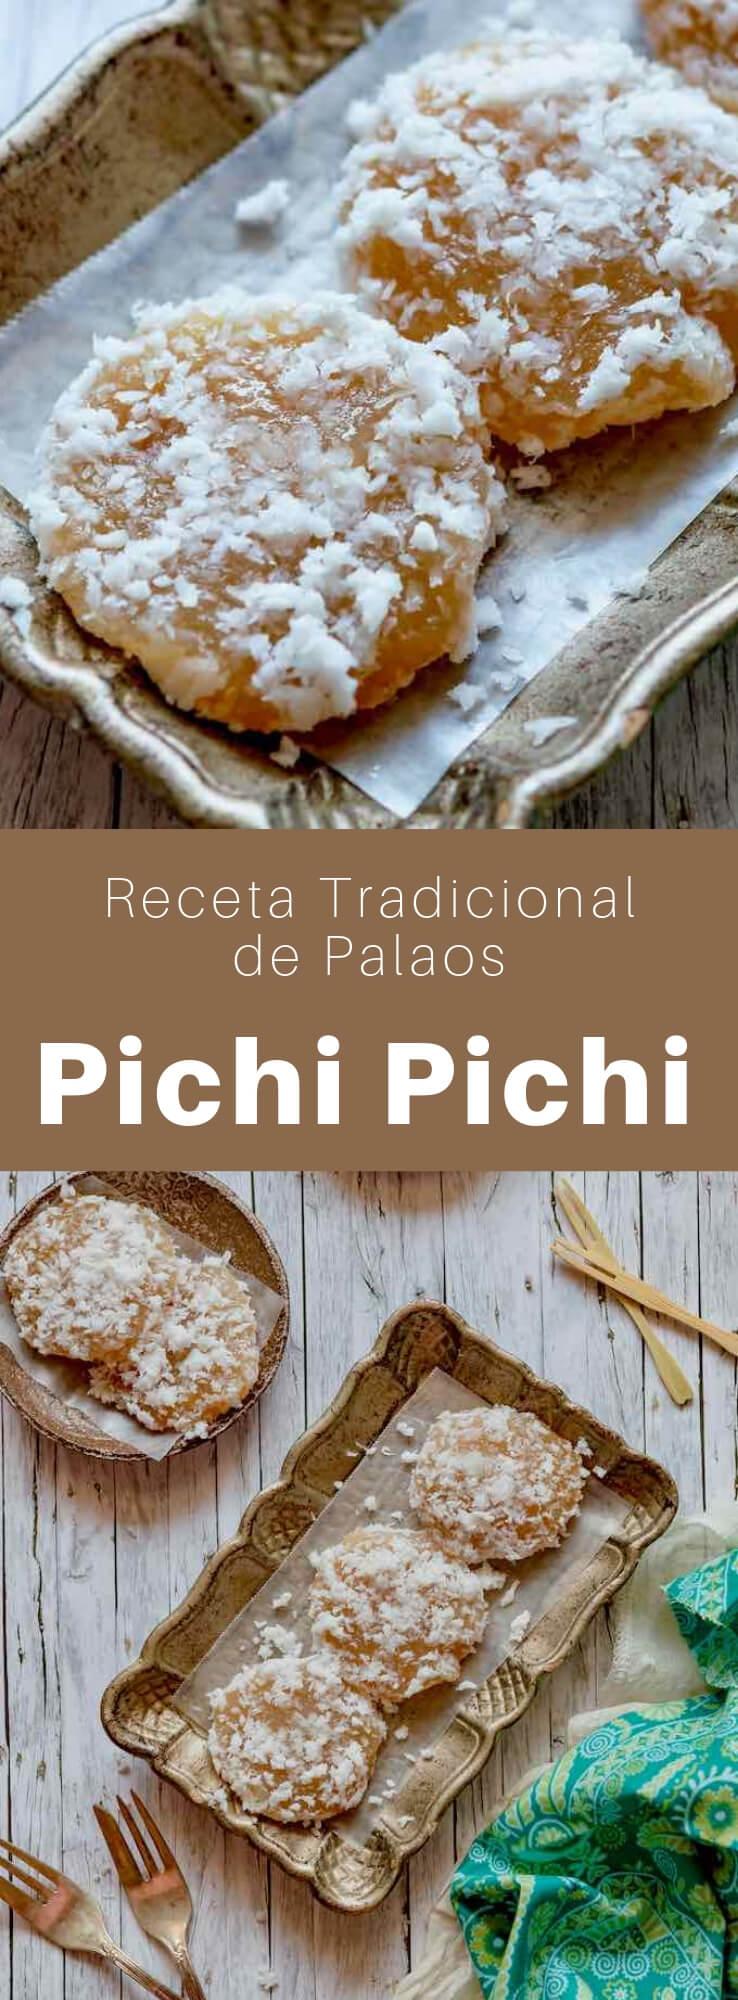 El pichi pichi es un postre gelatinoso cocido al vapor, hecho de yuca y azúcar, que es tradicional en Filipinas y Palau.